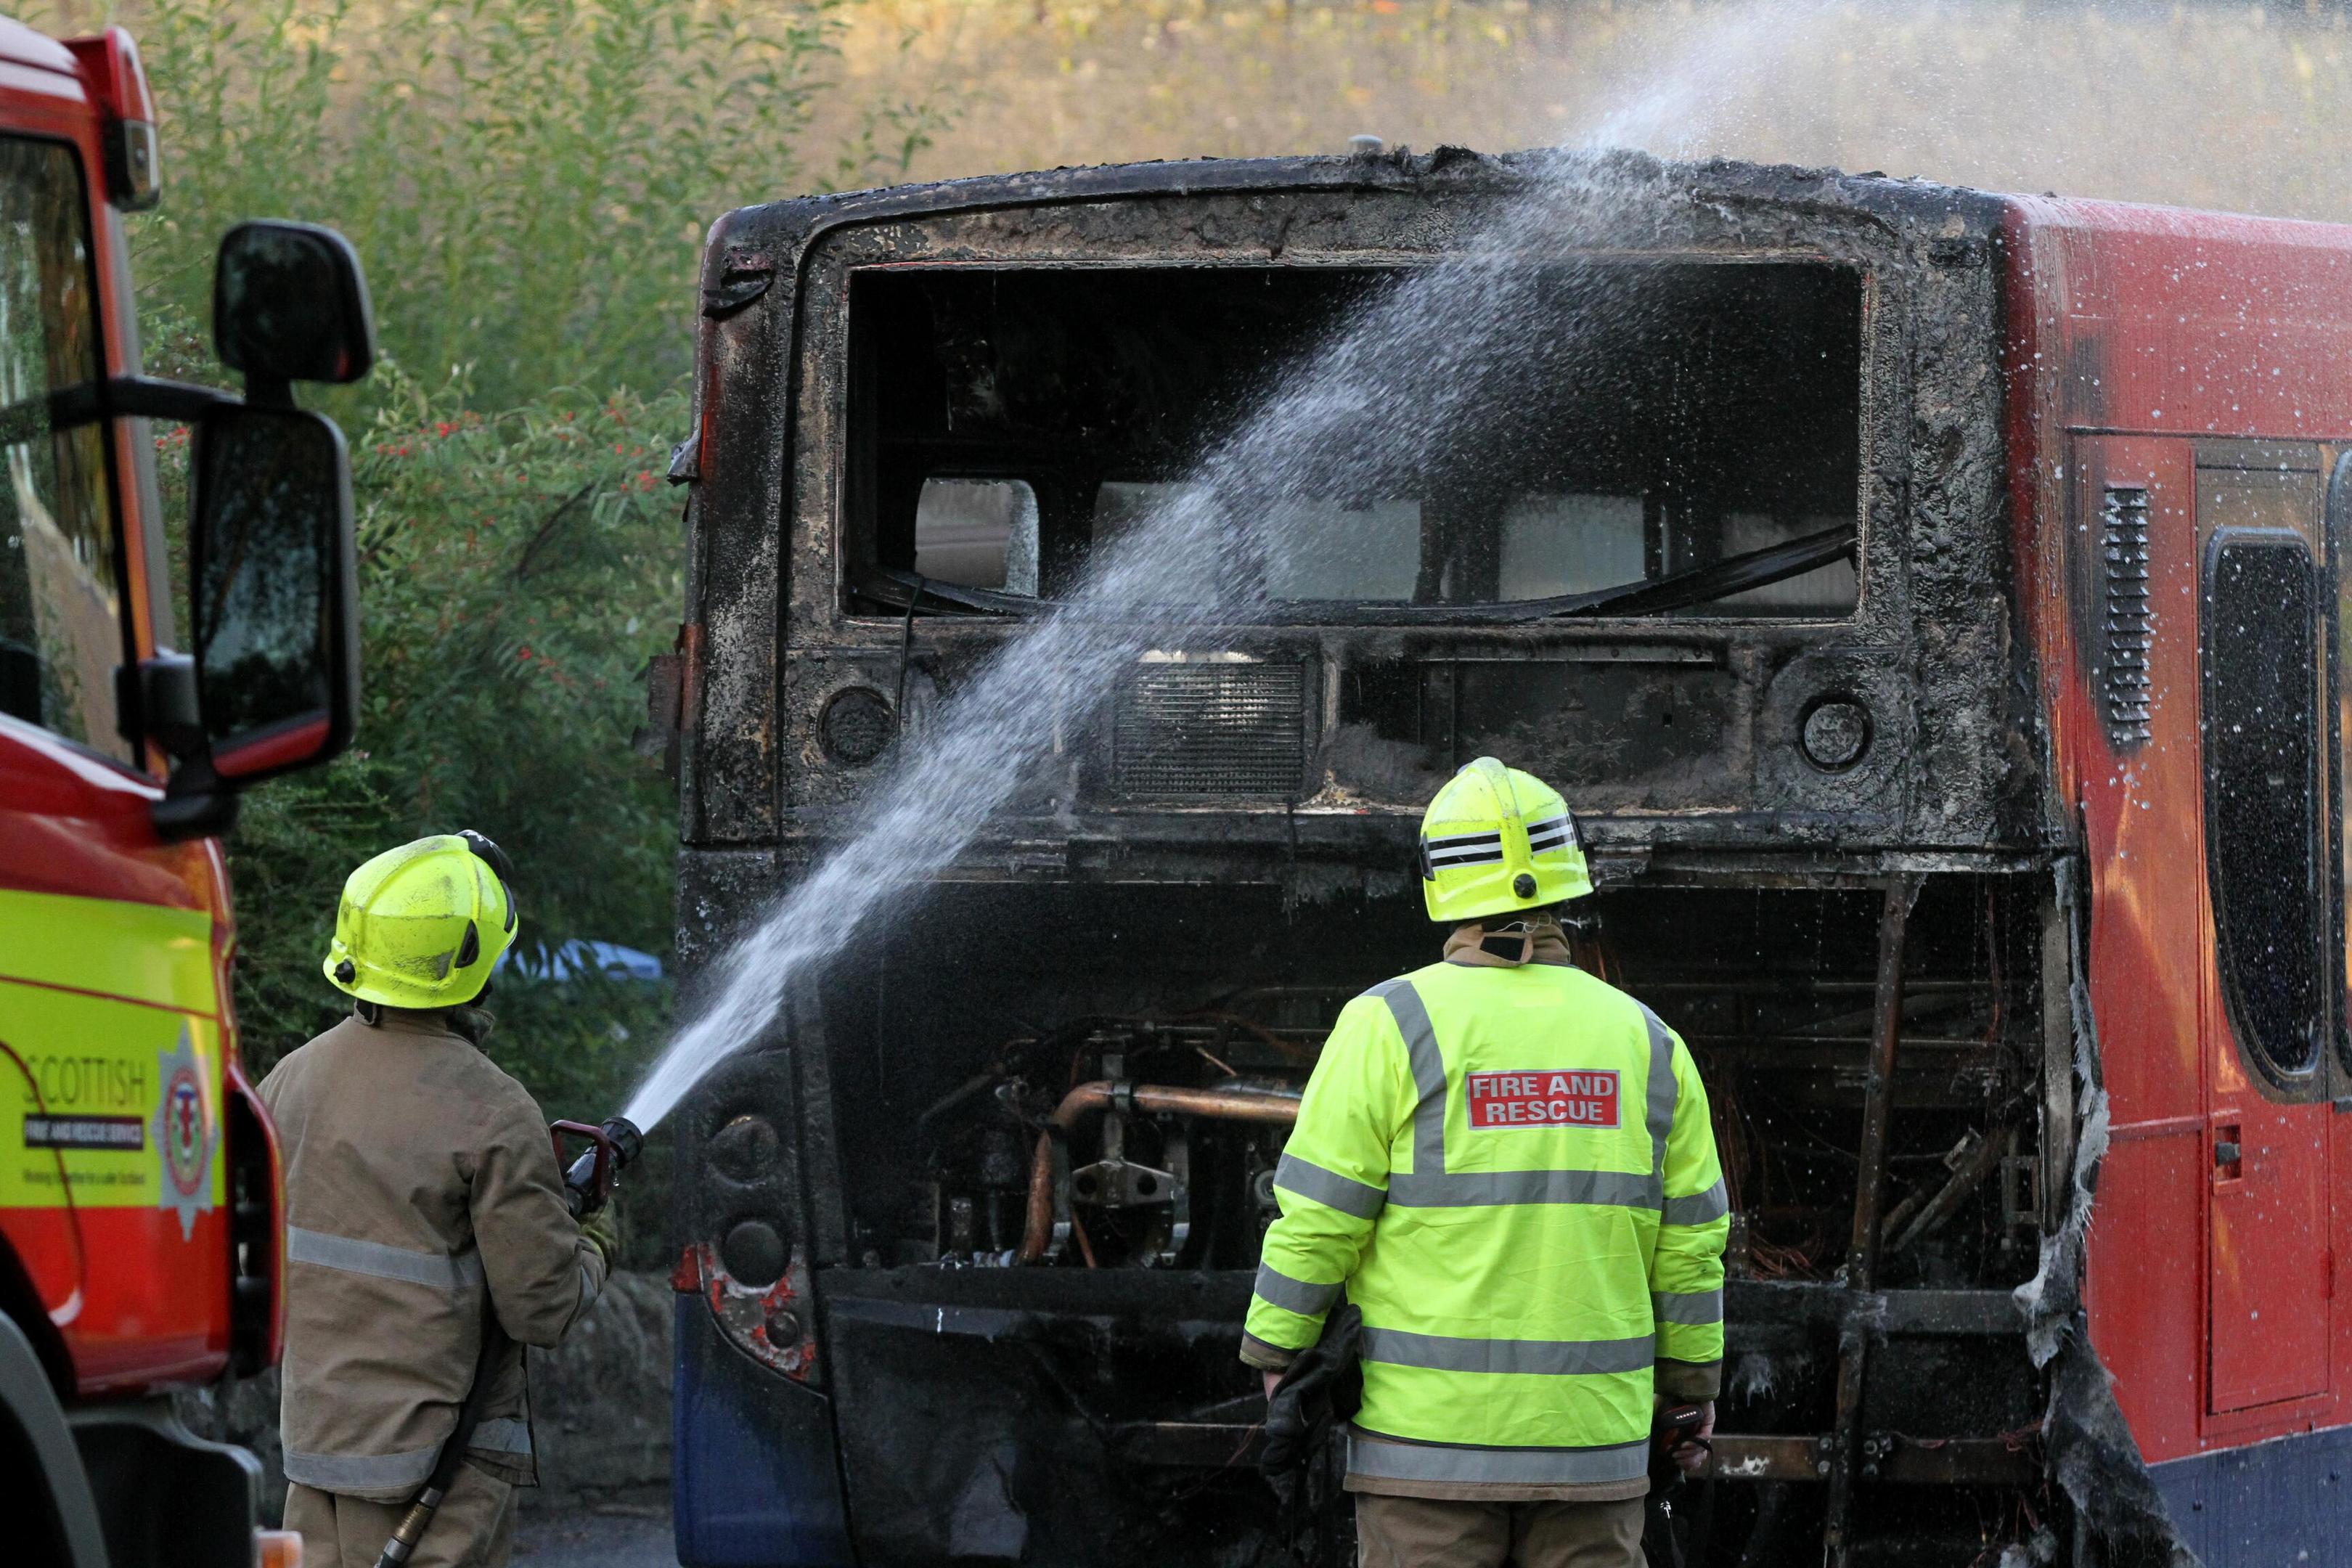 Firefighters attend the bus blaze in Longforgan.